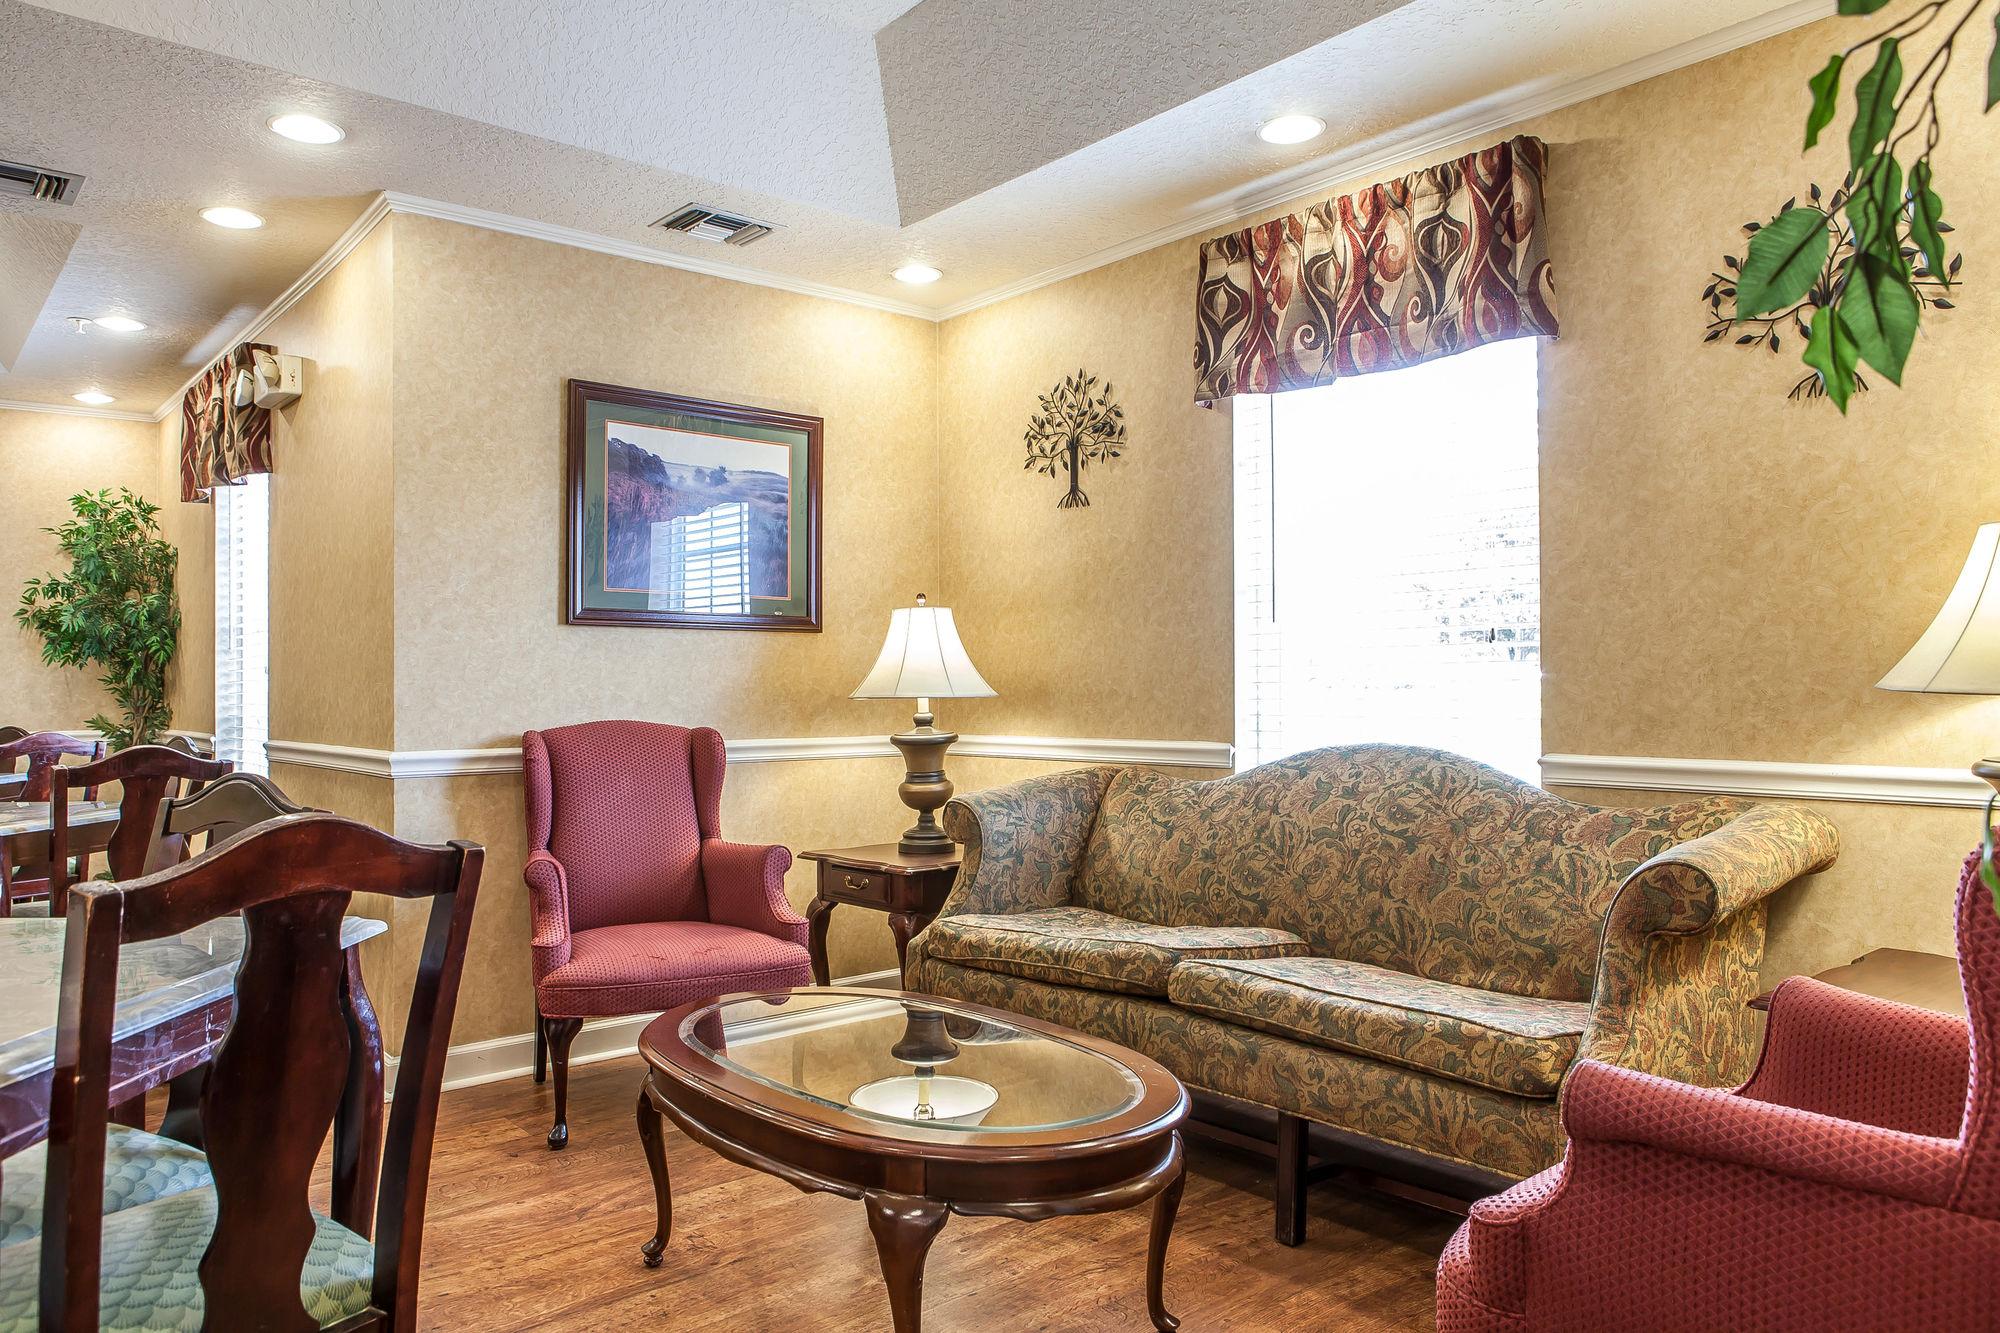 Quality Inn Alcoa / Maryville in Alcoa, TN